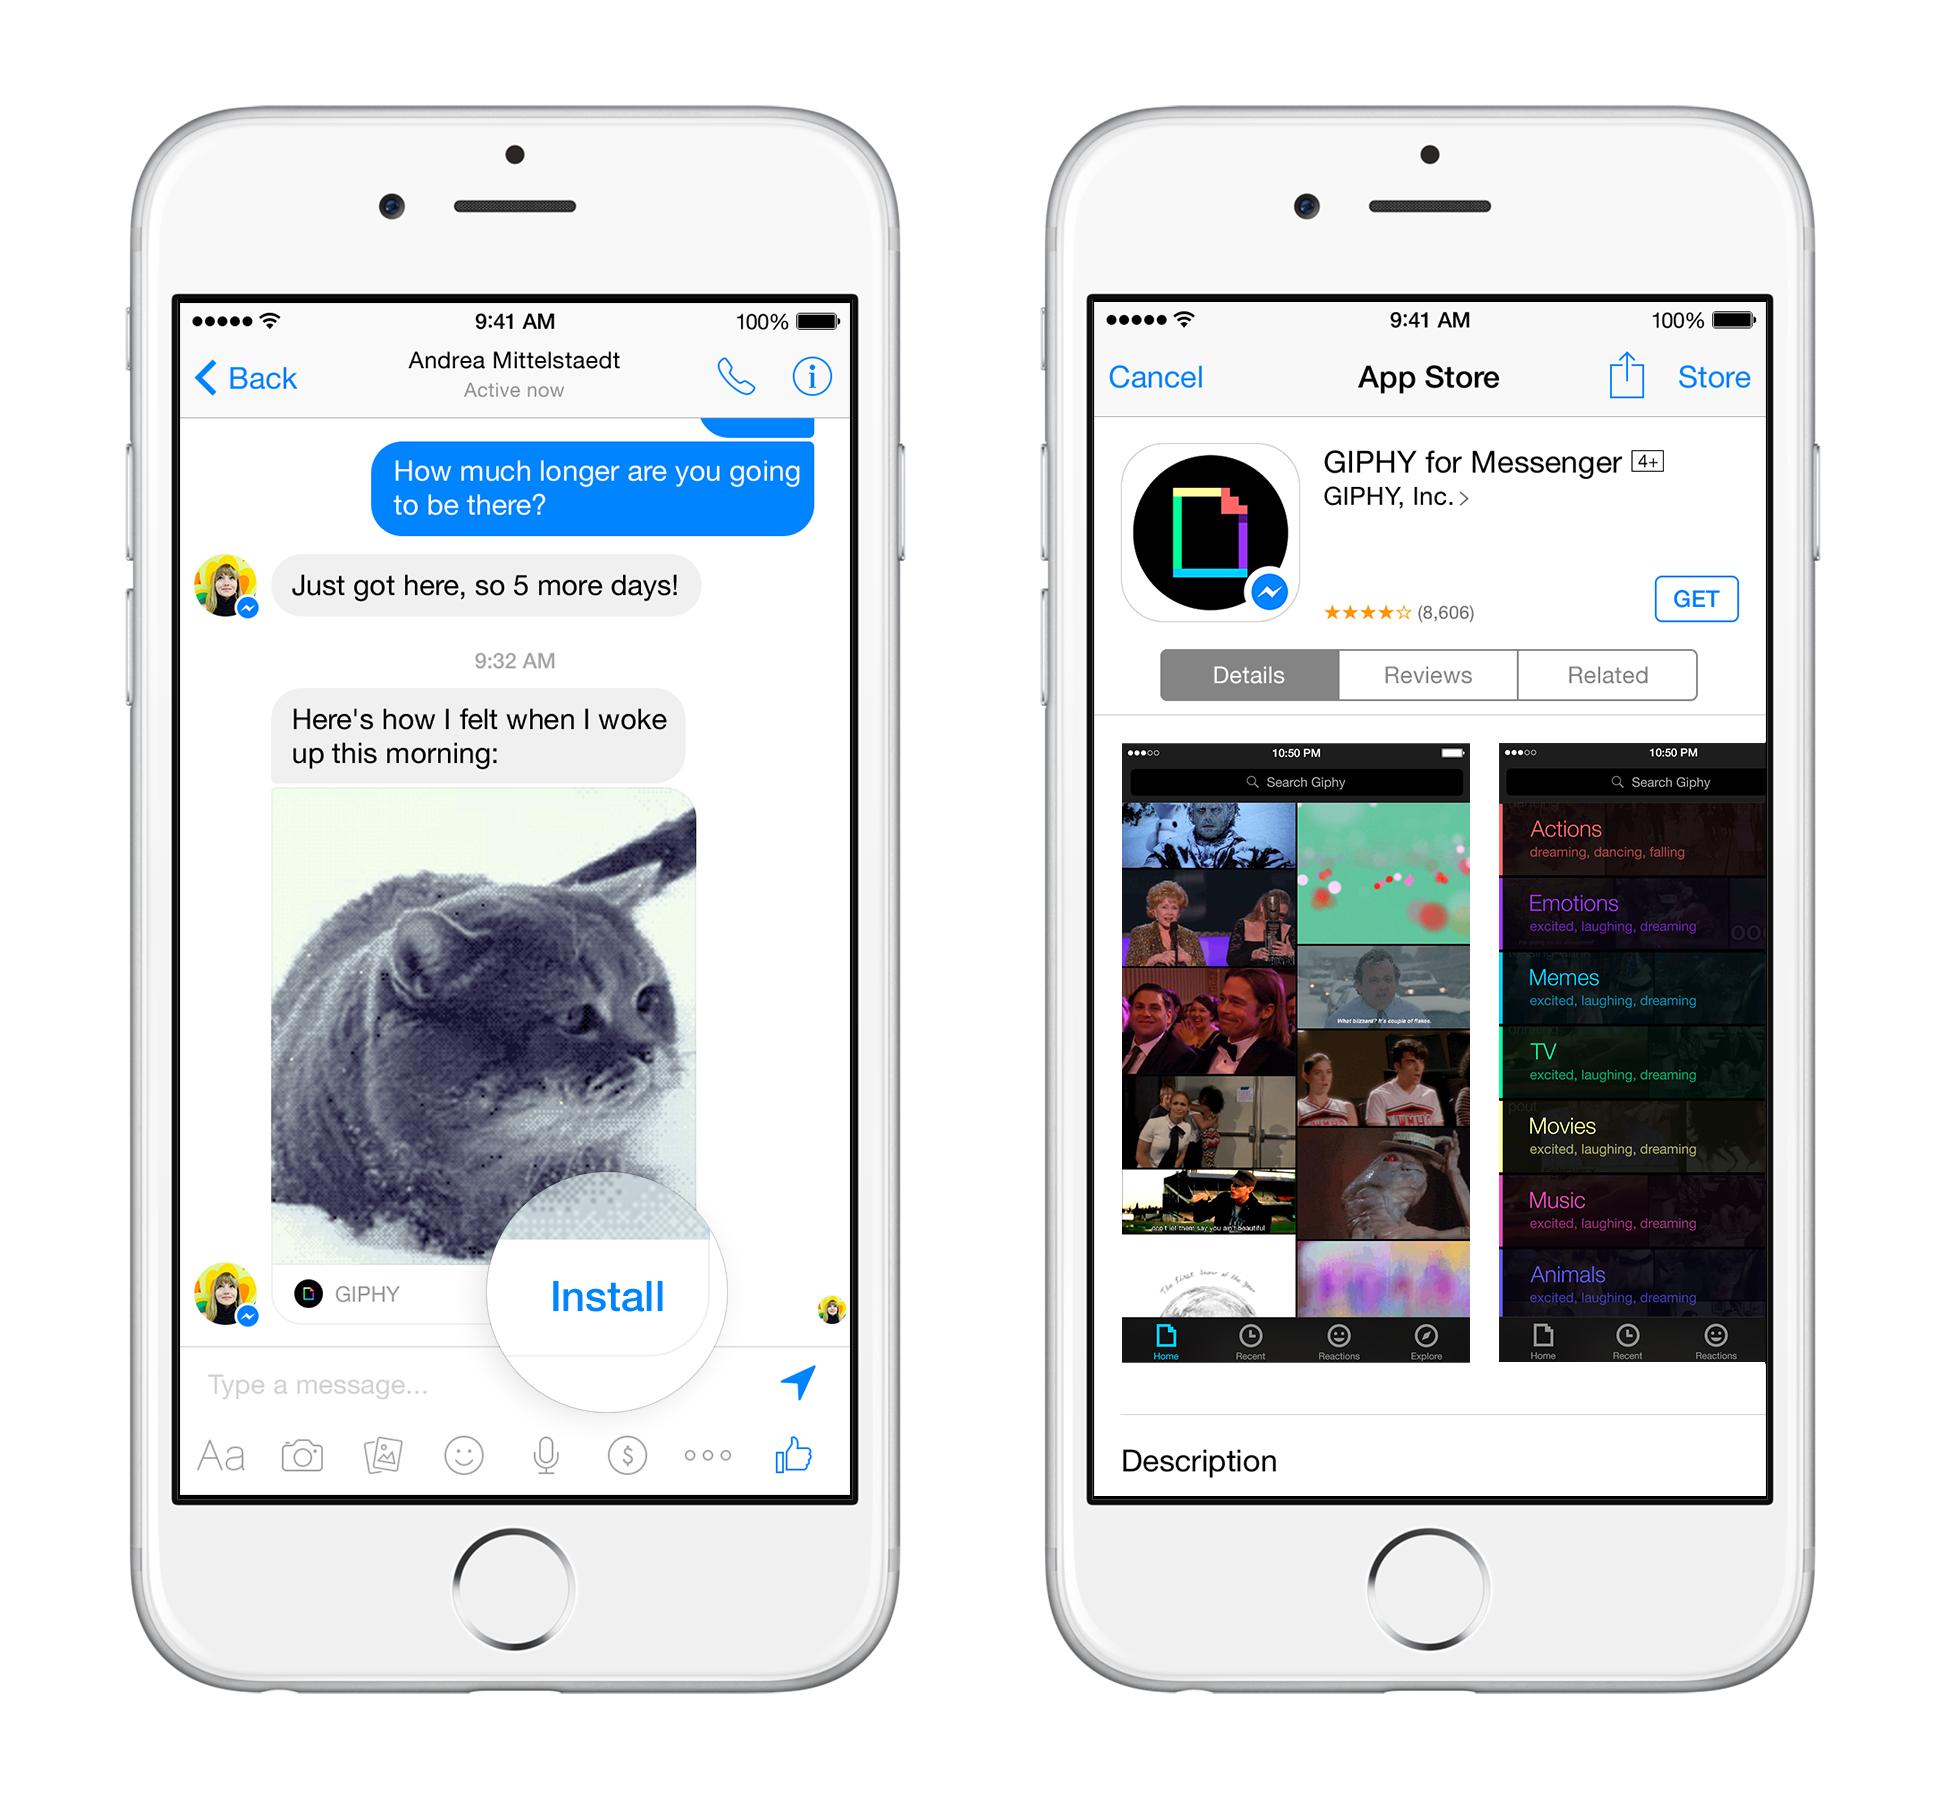 Facebook Messenger krijgt uitbreiding met apps en zakelijke functionaliteiten